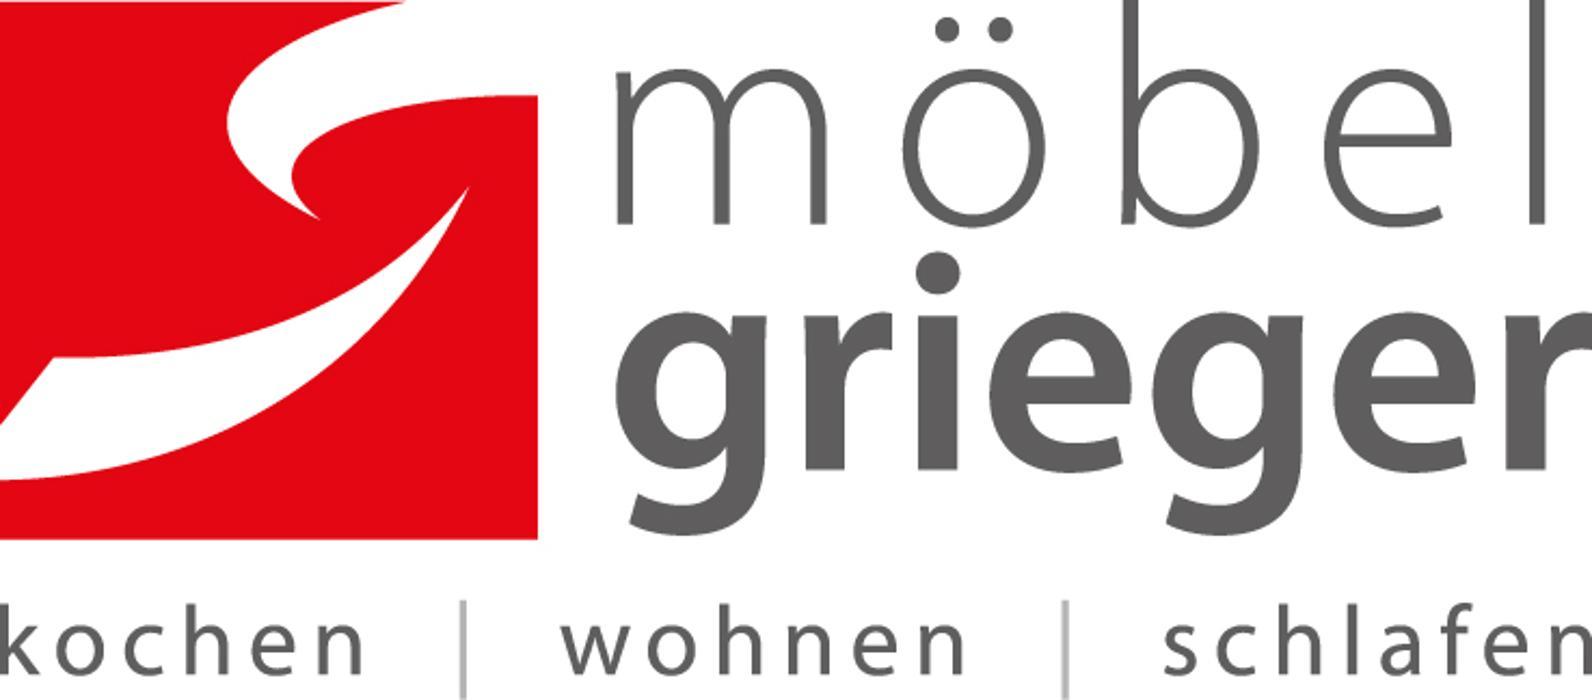 Mobel Grieger Gmbh Co Kg In Gerichshain Gemeinde Machern